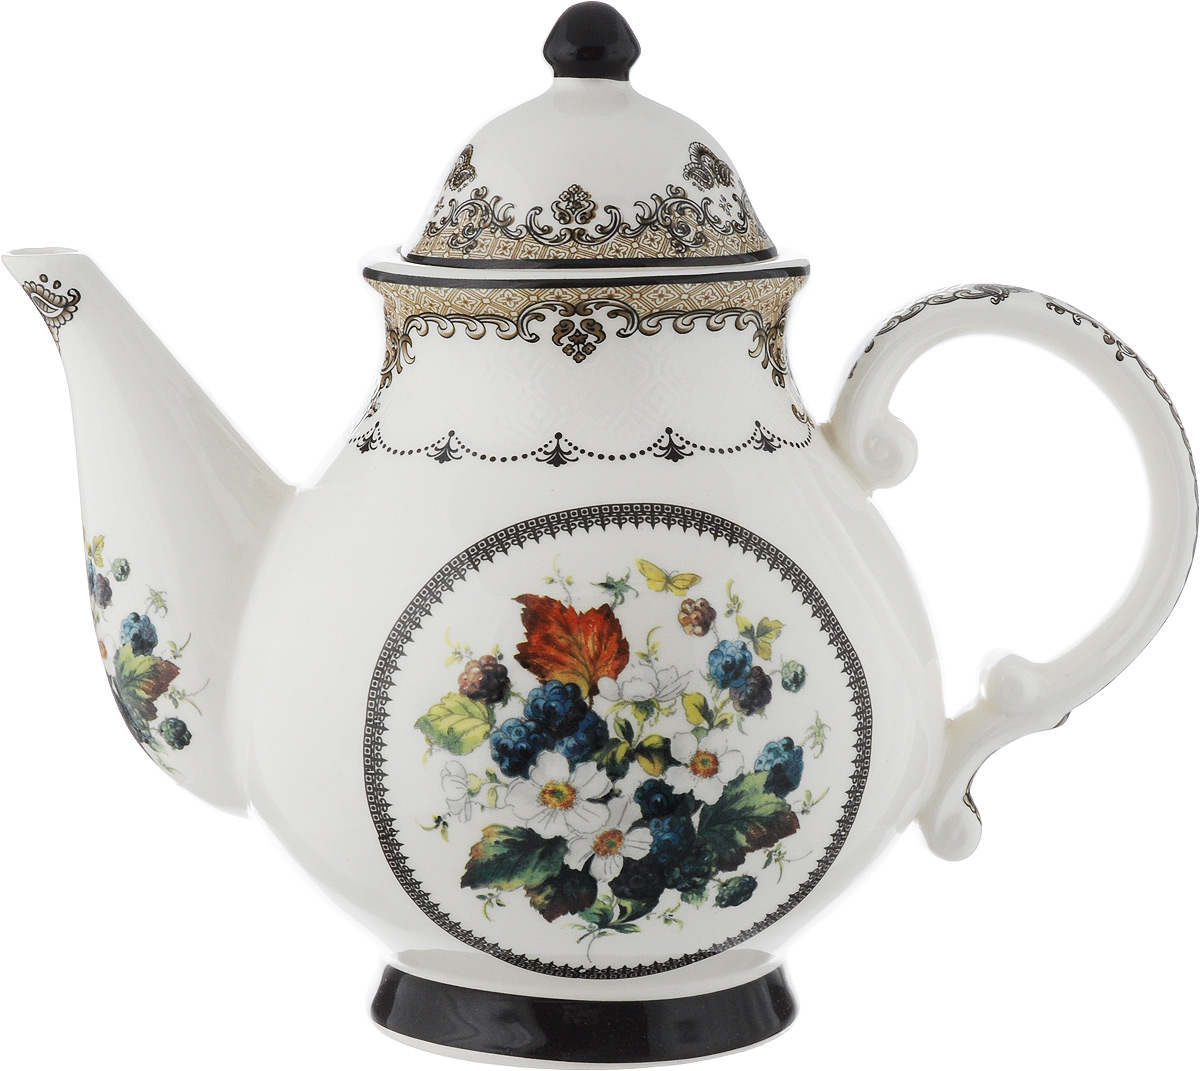 Чайник заварочный Lillo, 1,8 л54 009312Заварочный чайник Lillo, изготовленный из высококачественной керамики, прекрасно впишется в интерьер вашей кухни и станет достойным дополнением к кухонному инвентарю. Чайник, снабженный эргономичной крышкой и удобной ручкой. Чайник декорирован оригинальным рисунком.Заварочный чайник Lillo не только украсит ваш кухонный стол и подчеркнет прекрасный вкус хозяйки, но и станет отличным подарком.Высота (с учетом крышки): 22 см. Длина (с учетом носика и ручки): 26 см. Диаметр основания: 9 см. Диаметр чайника (по верхнему краю): 9,5 см.